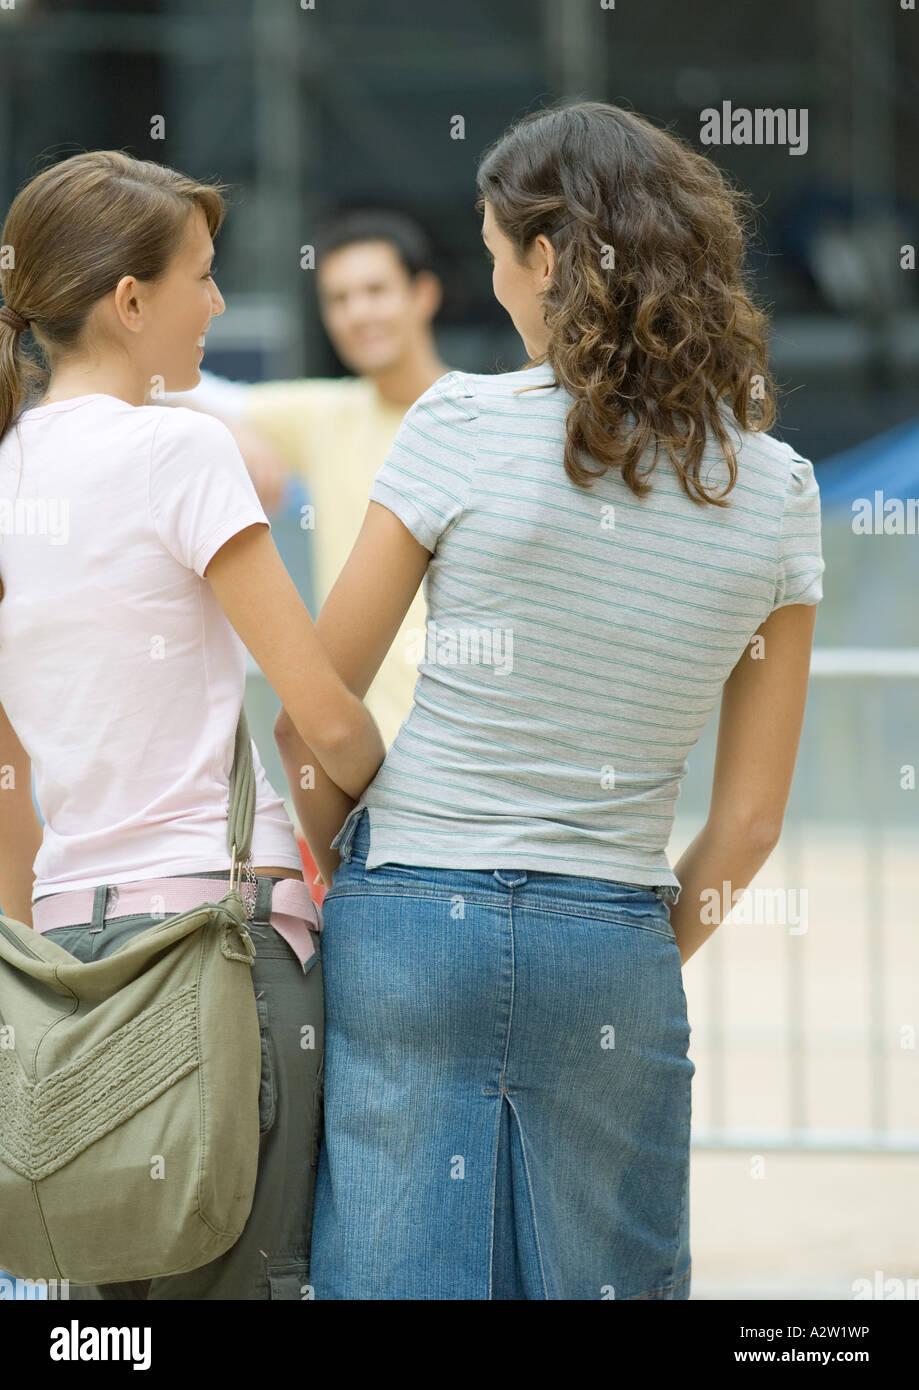 Las adolescentes enfrentan los adolescentes varones, vista trasera Imagen De Stock